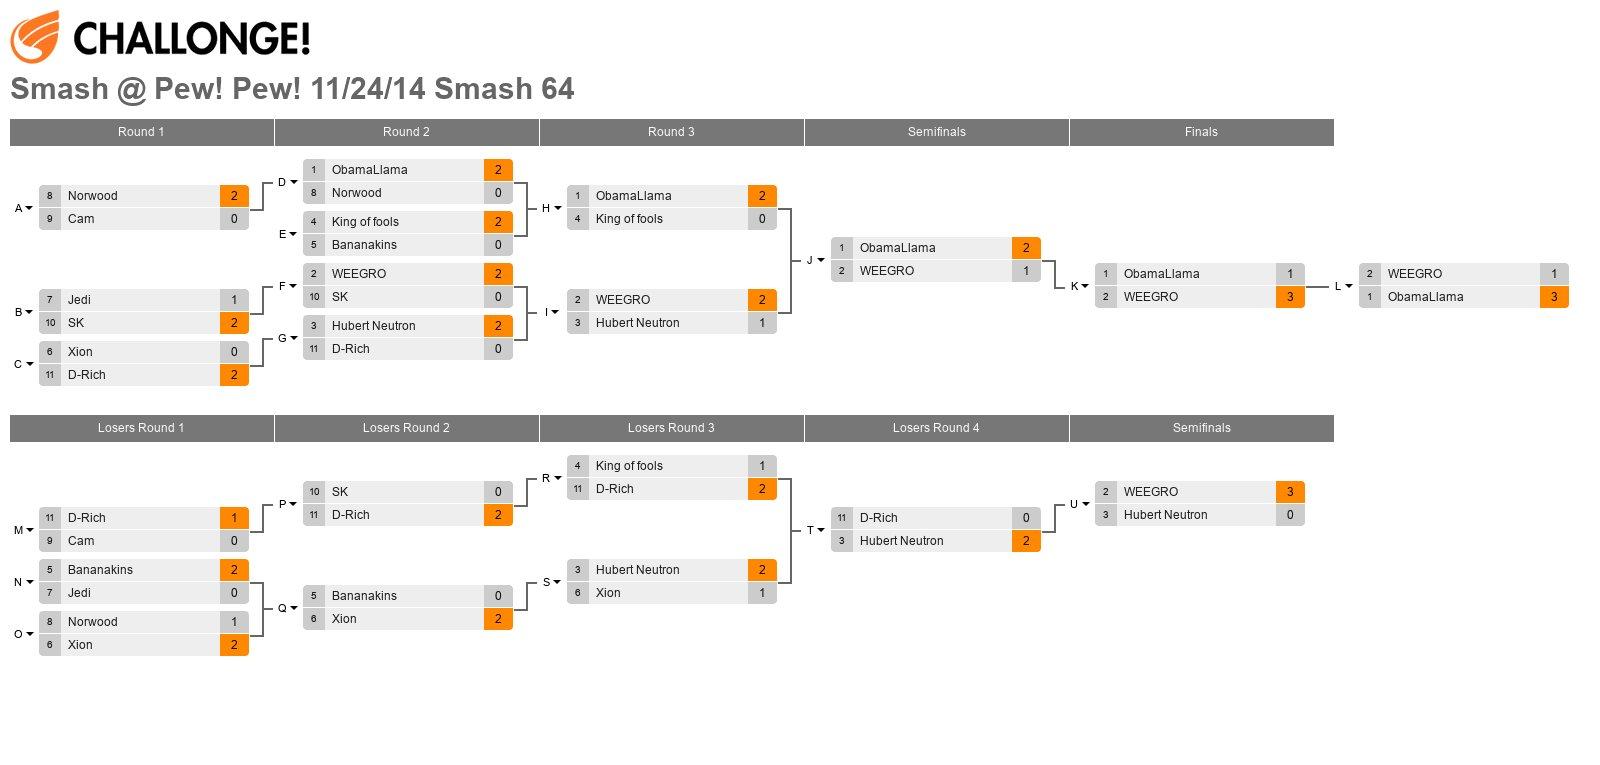 Smash @ Pew! Pew! 11/24/14 Smash 64